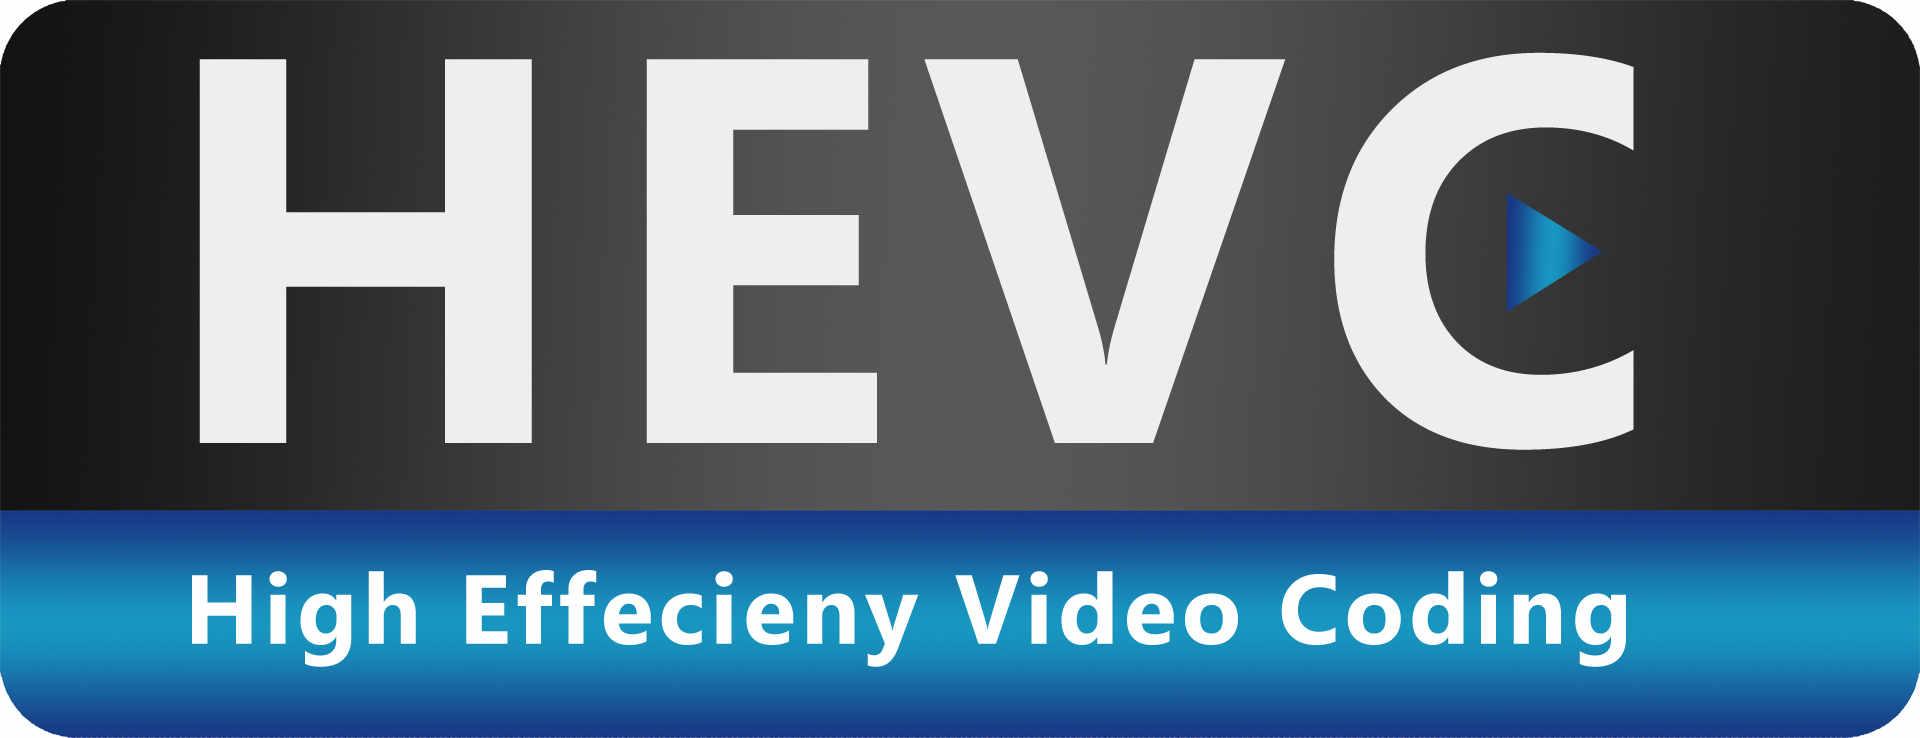 HEVC czyli h.265 – przyszłość telewizji, internetu i smartfonów